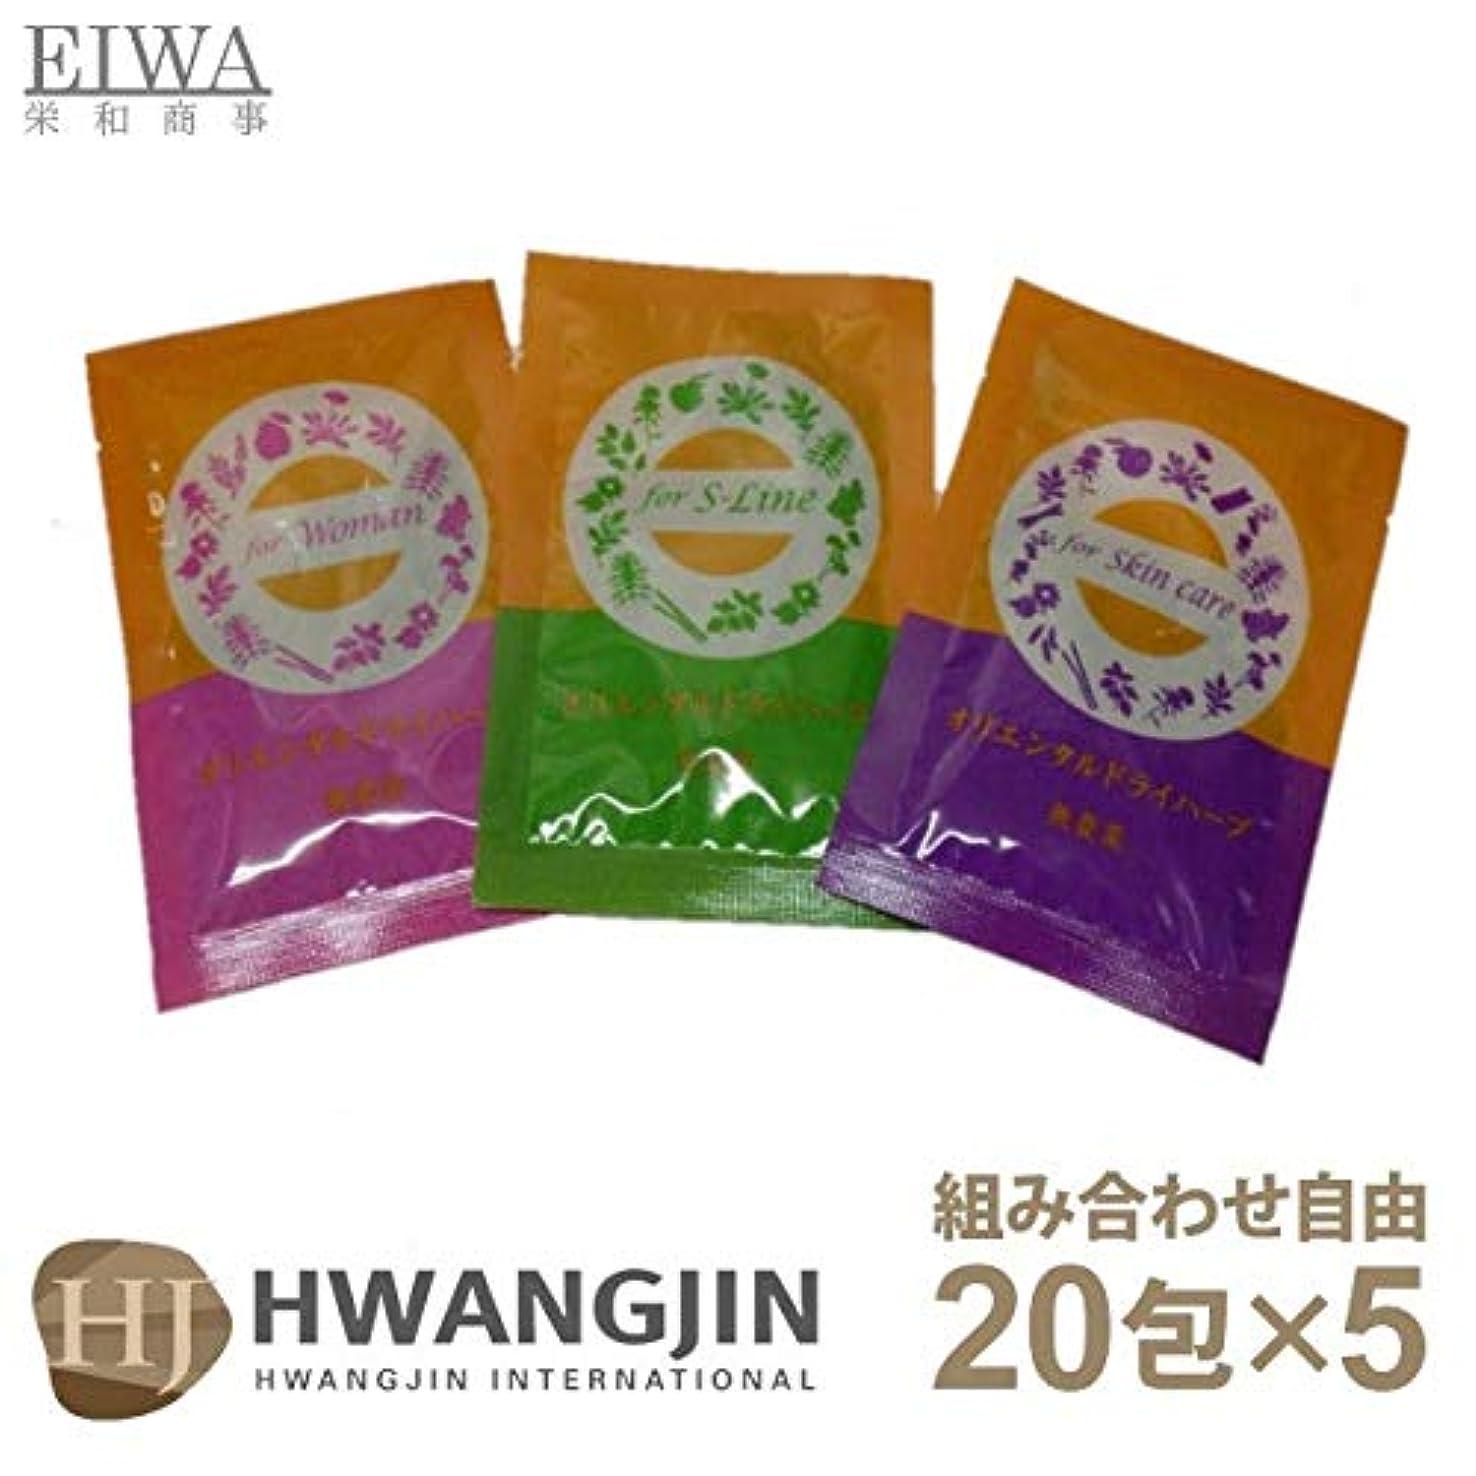 硫黄罪人鉄道駅ファンジン黄土 座浴剤 組合せ自由 3種 計5袋 (100包) 1.2kg